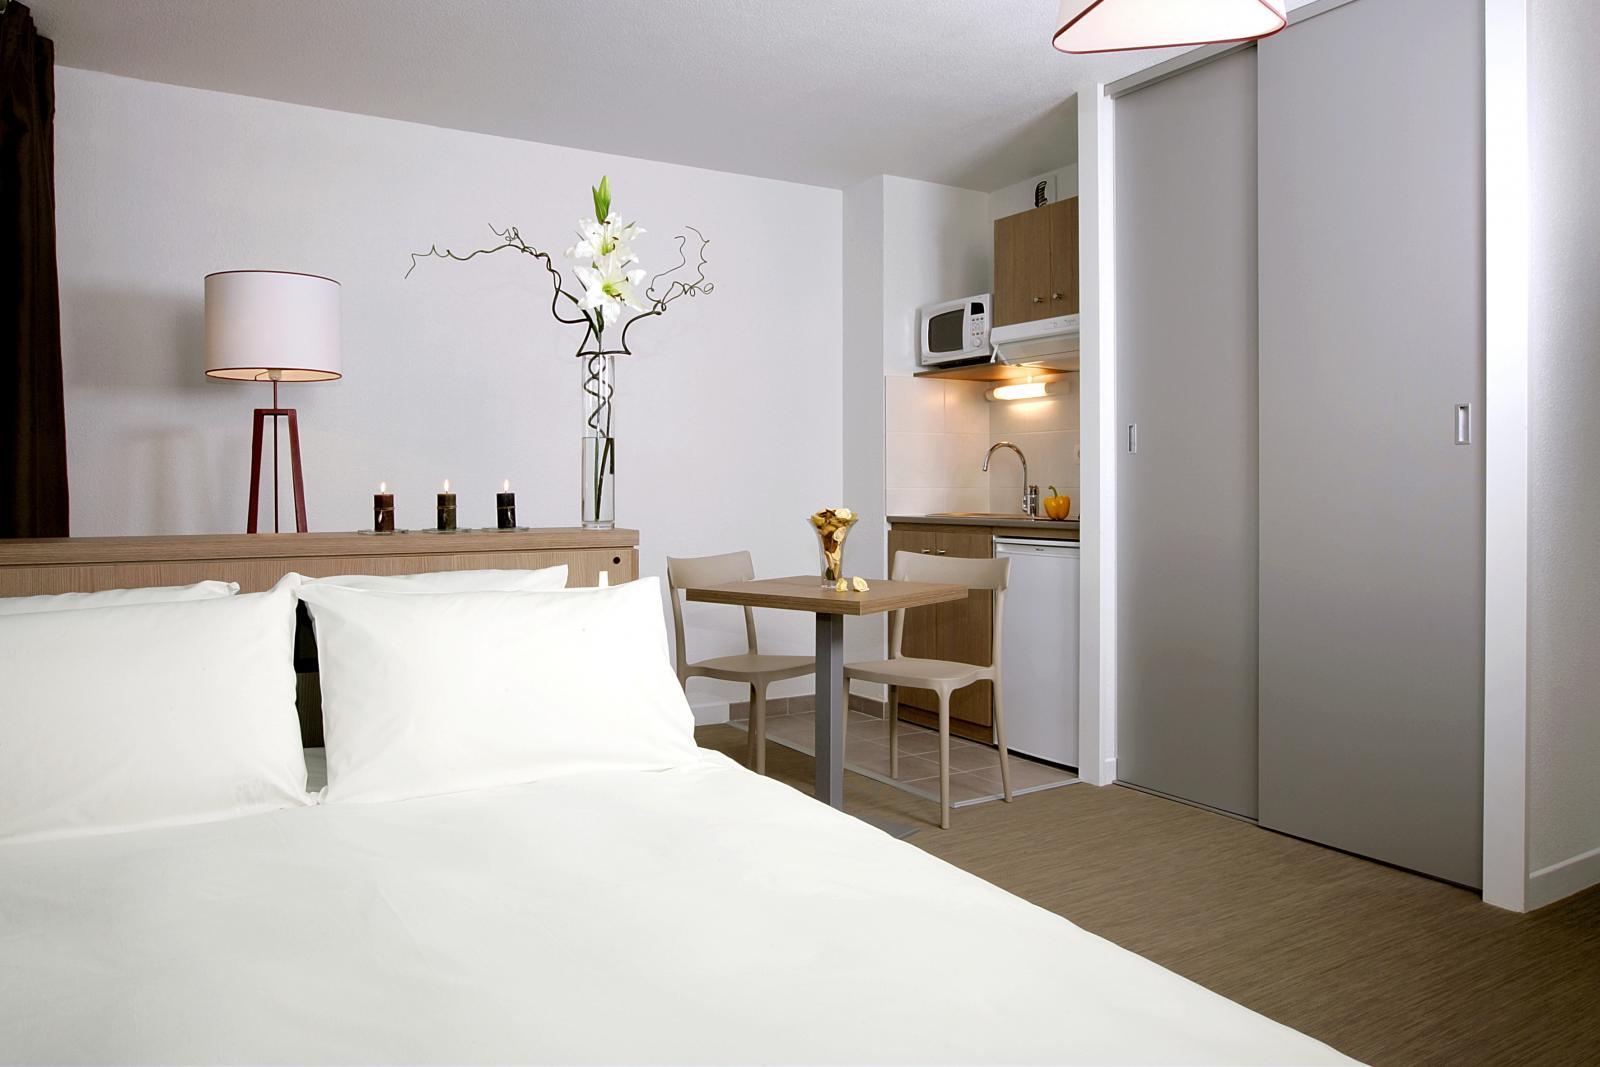 location appartement clermont ferrand traitez en p p. Black Bedroom Furniture Sets. Home Design Ideas